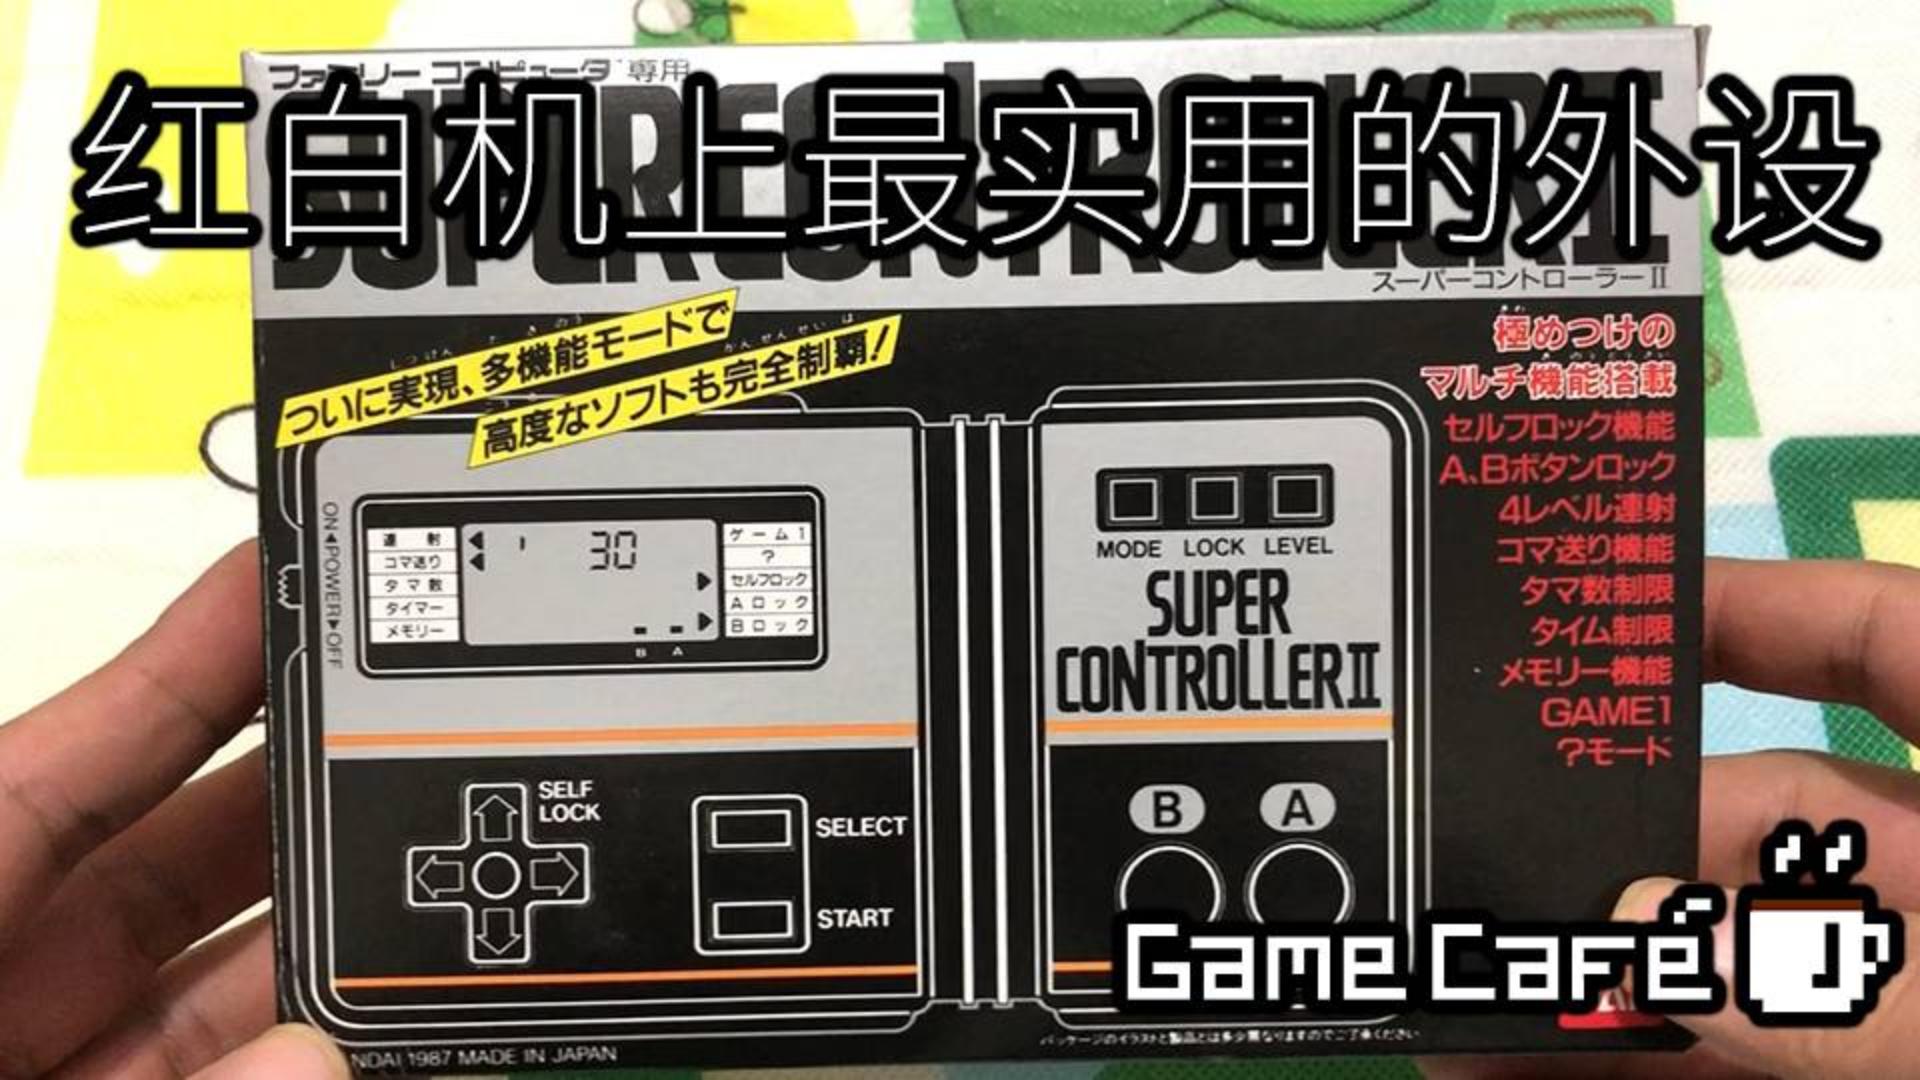 【游戏咖啡馆】FC史上最实用的设备!超级控制器二代!